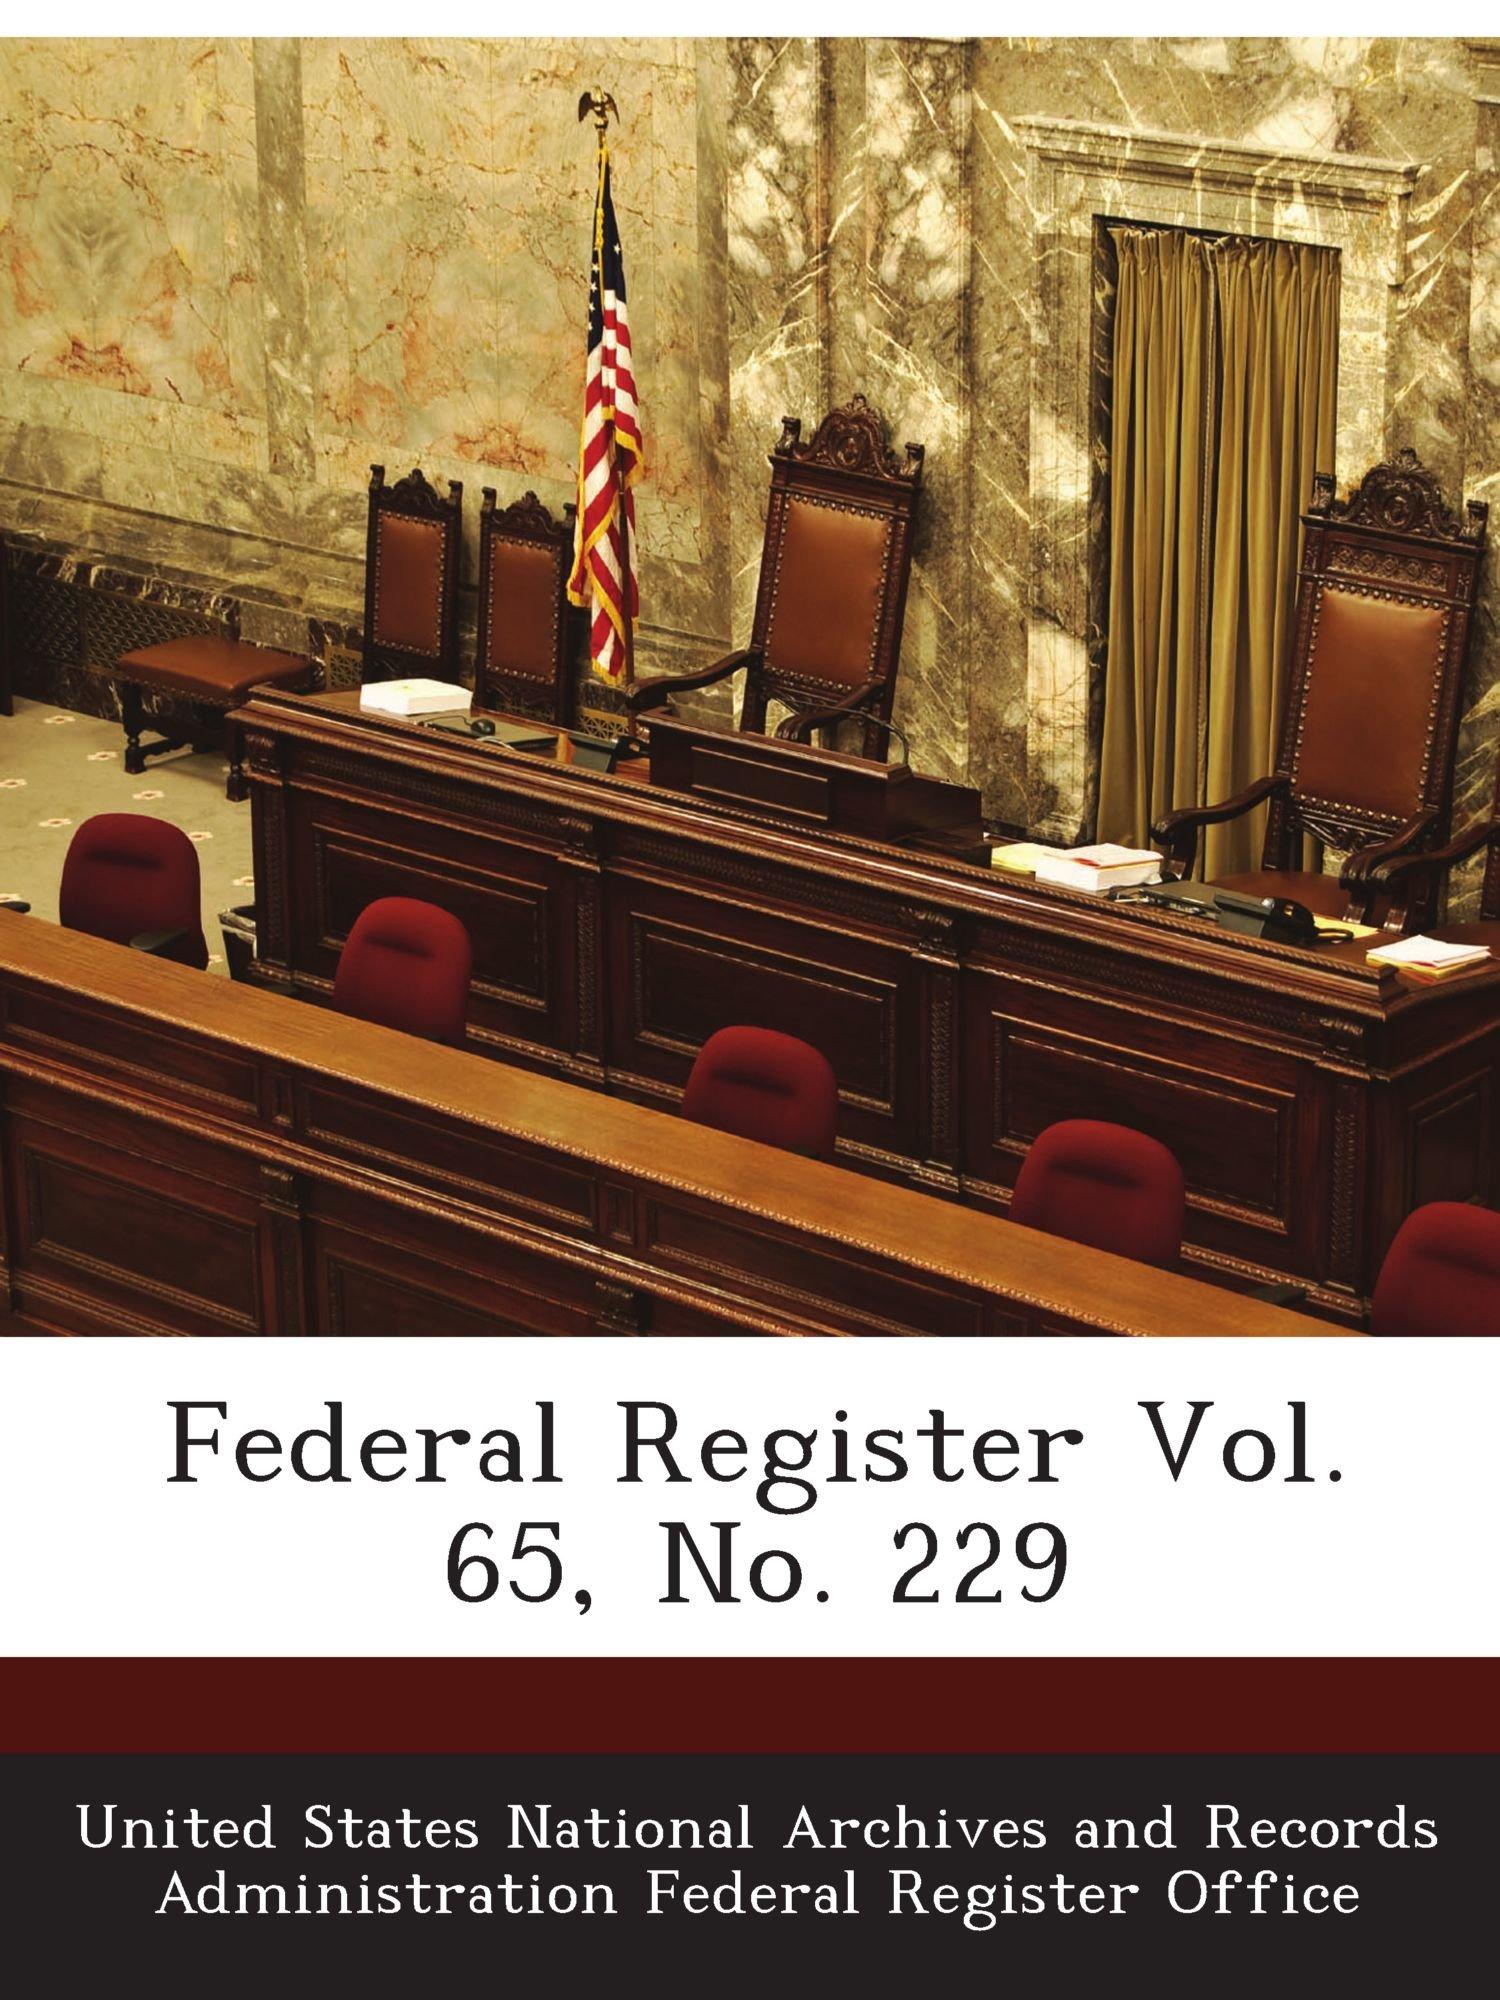 Download Federal Register Vol. 65, No. 229 ebook